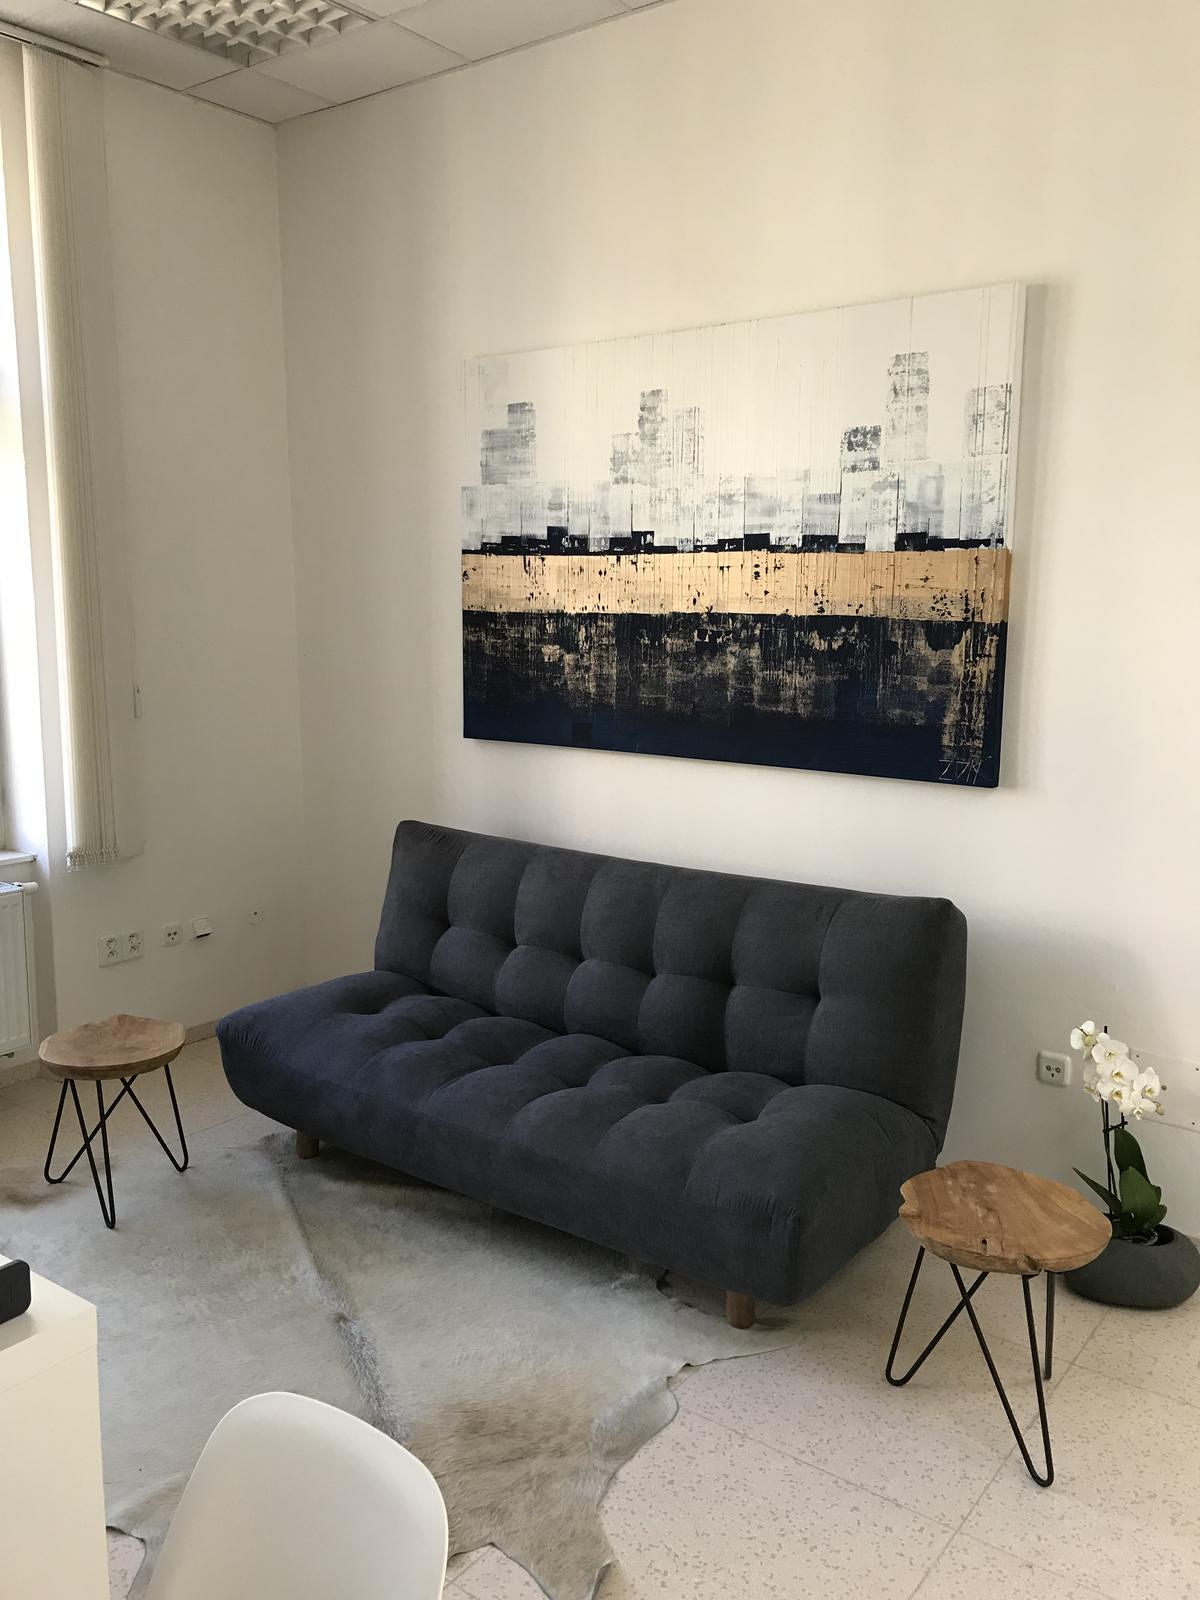 Mé obrazy v interiérech - Letní přístav II, 120x180 cm,cena  11900,-